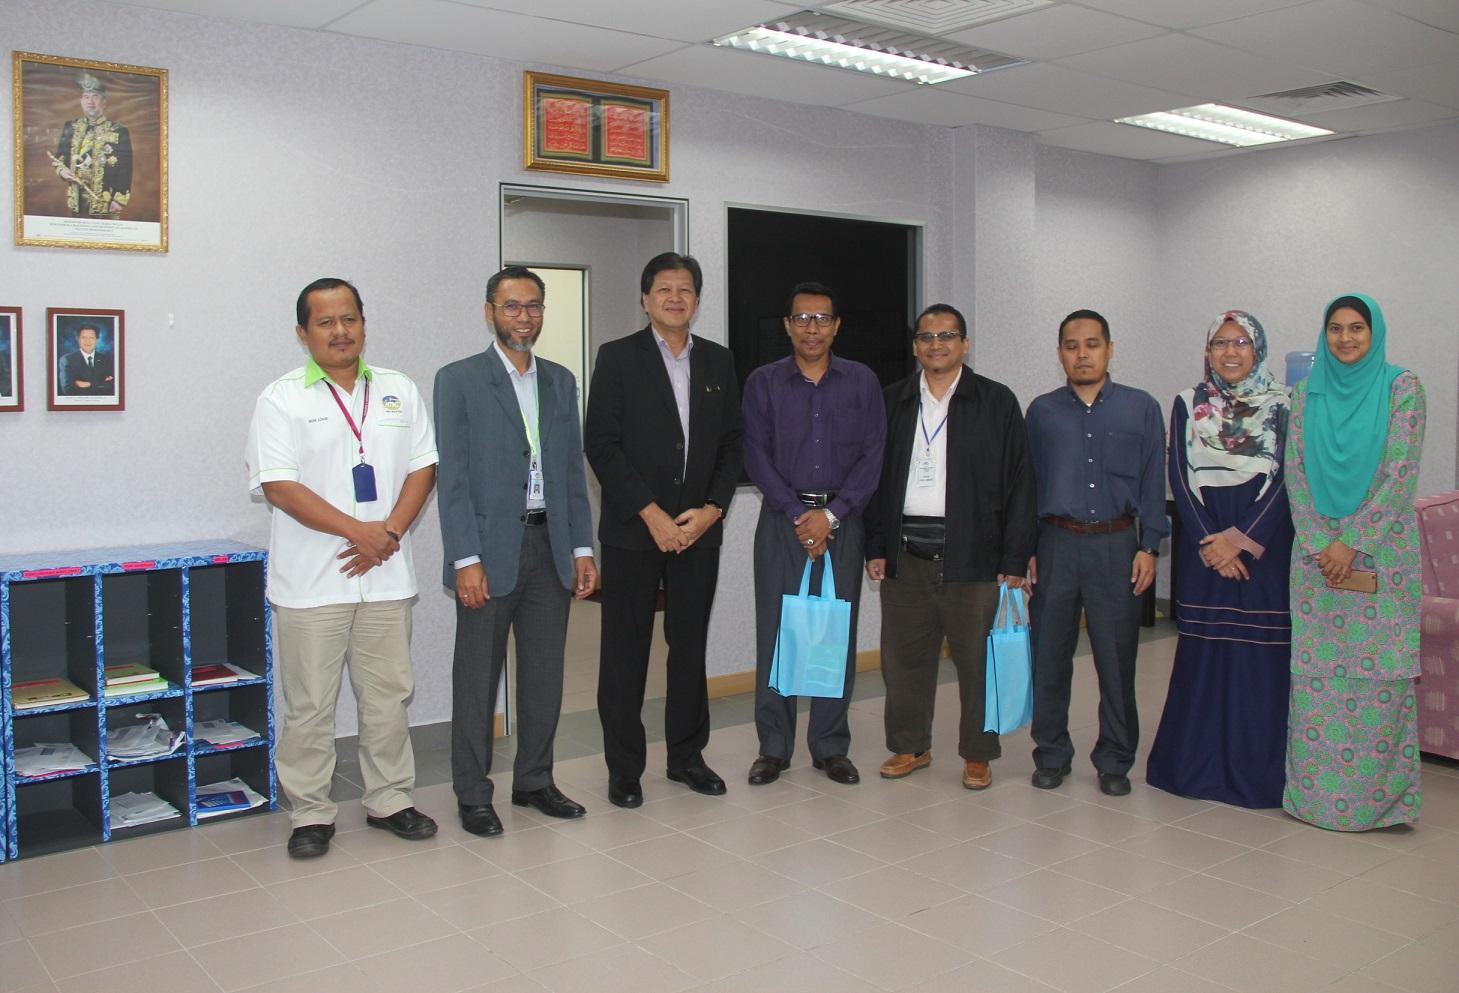 Sesi Lawatan dan Perbincangan Kerjasama antara Universiti Malaysia Pahang dan Jabatan Mineral dan Geosains Pahang